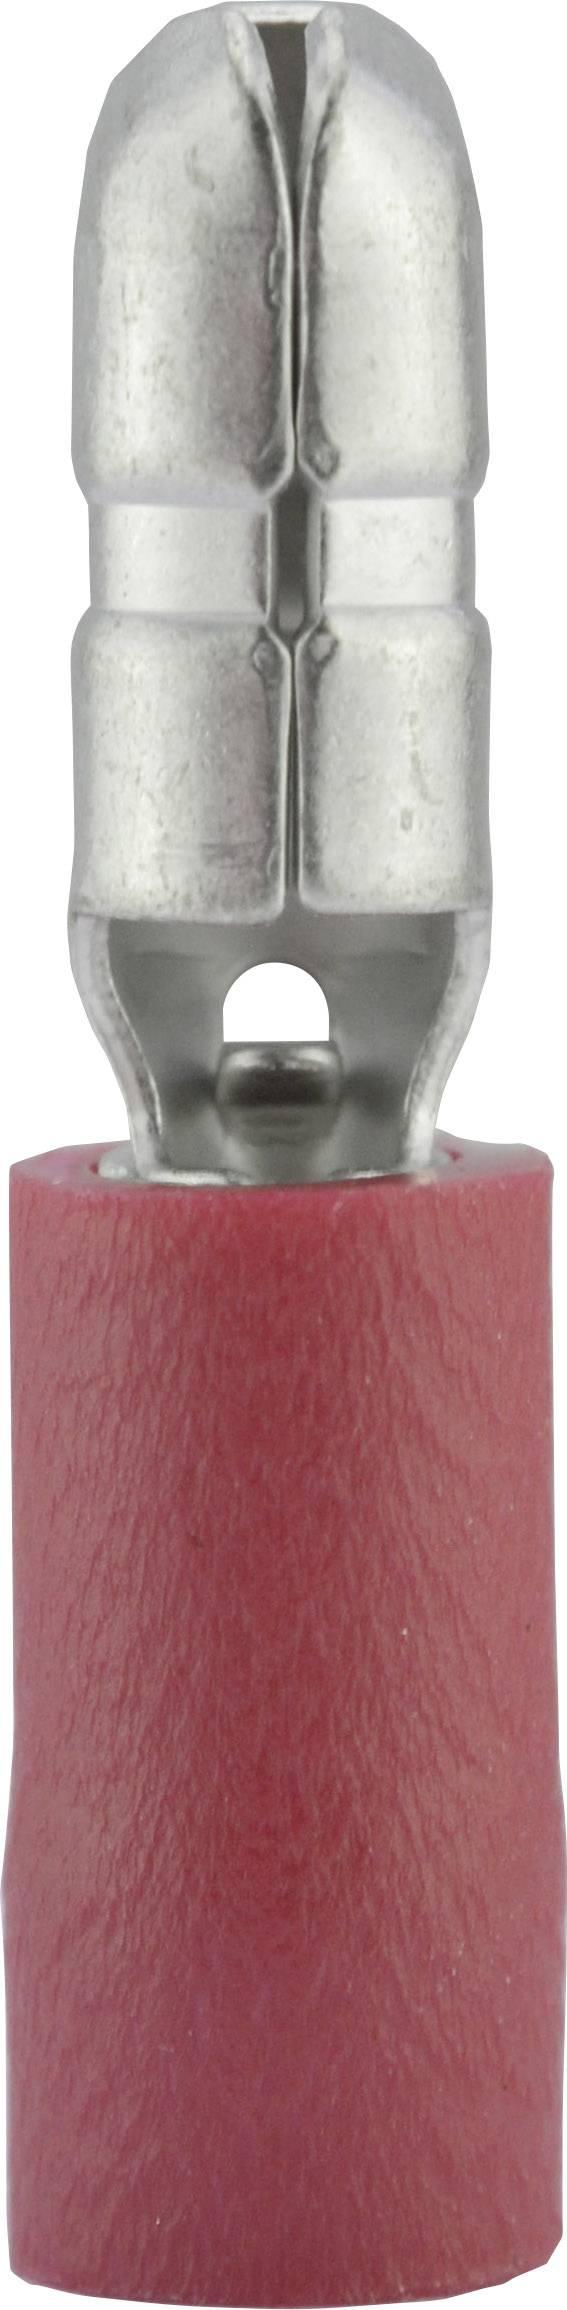 Guľatý faston Vogt Verbindungstechnik 3920, 0.50 - 1 mm², Ø hrotu: 4 mm, čiastočne izolované, červená, 1 ks